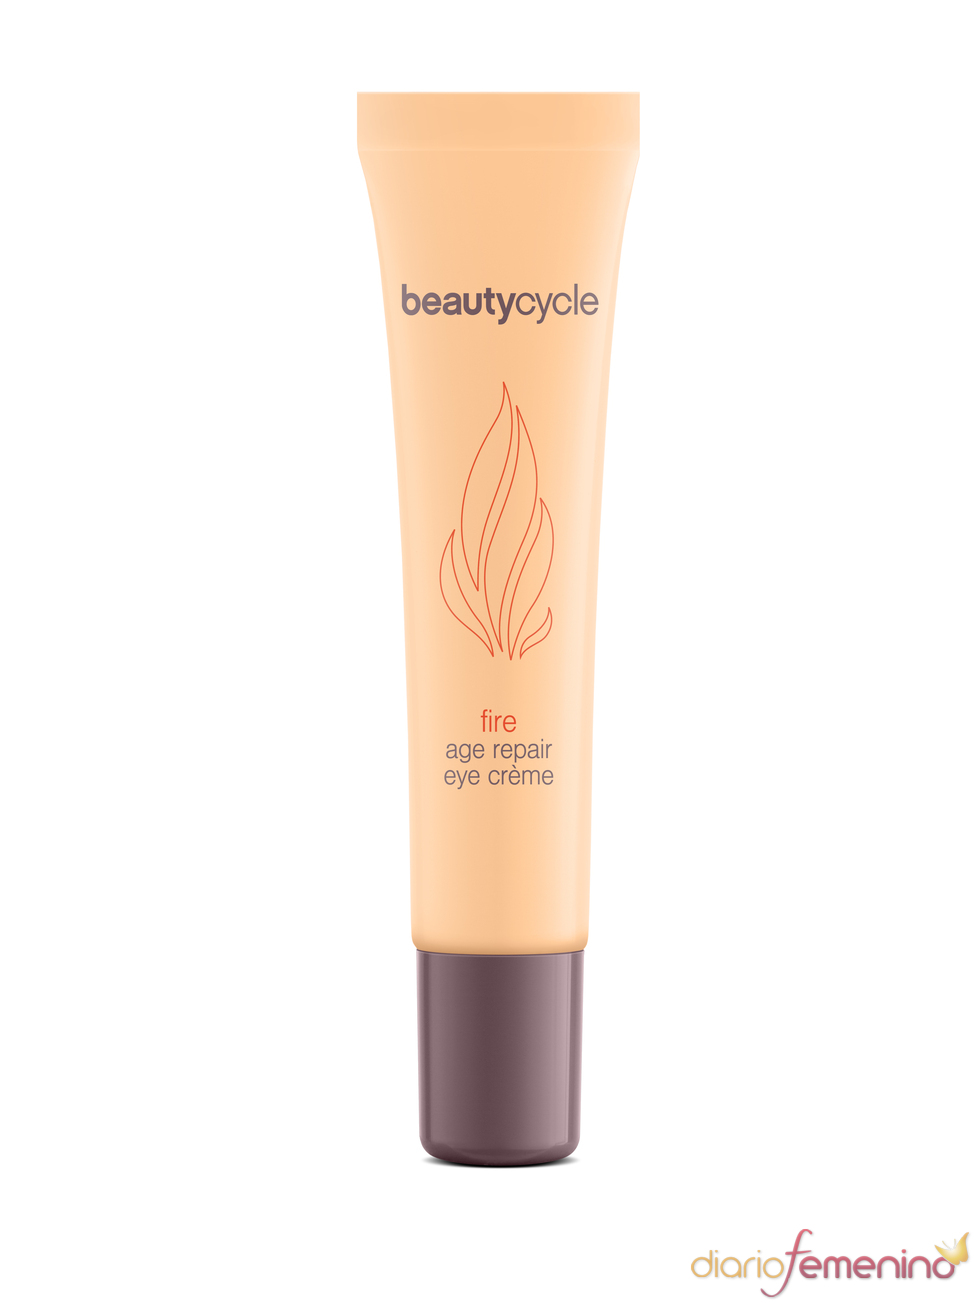 Crema de ojos reparadora antienvejecimiento Beautycycle Fuego